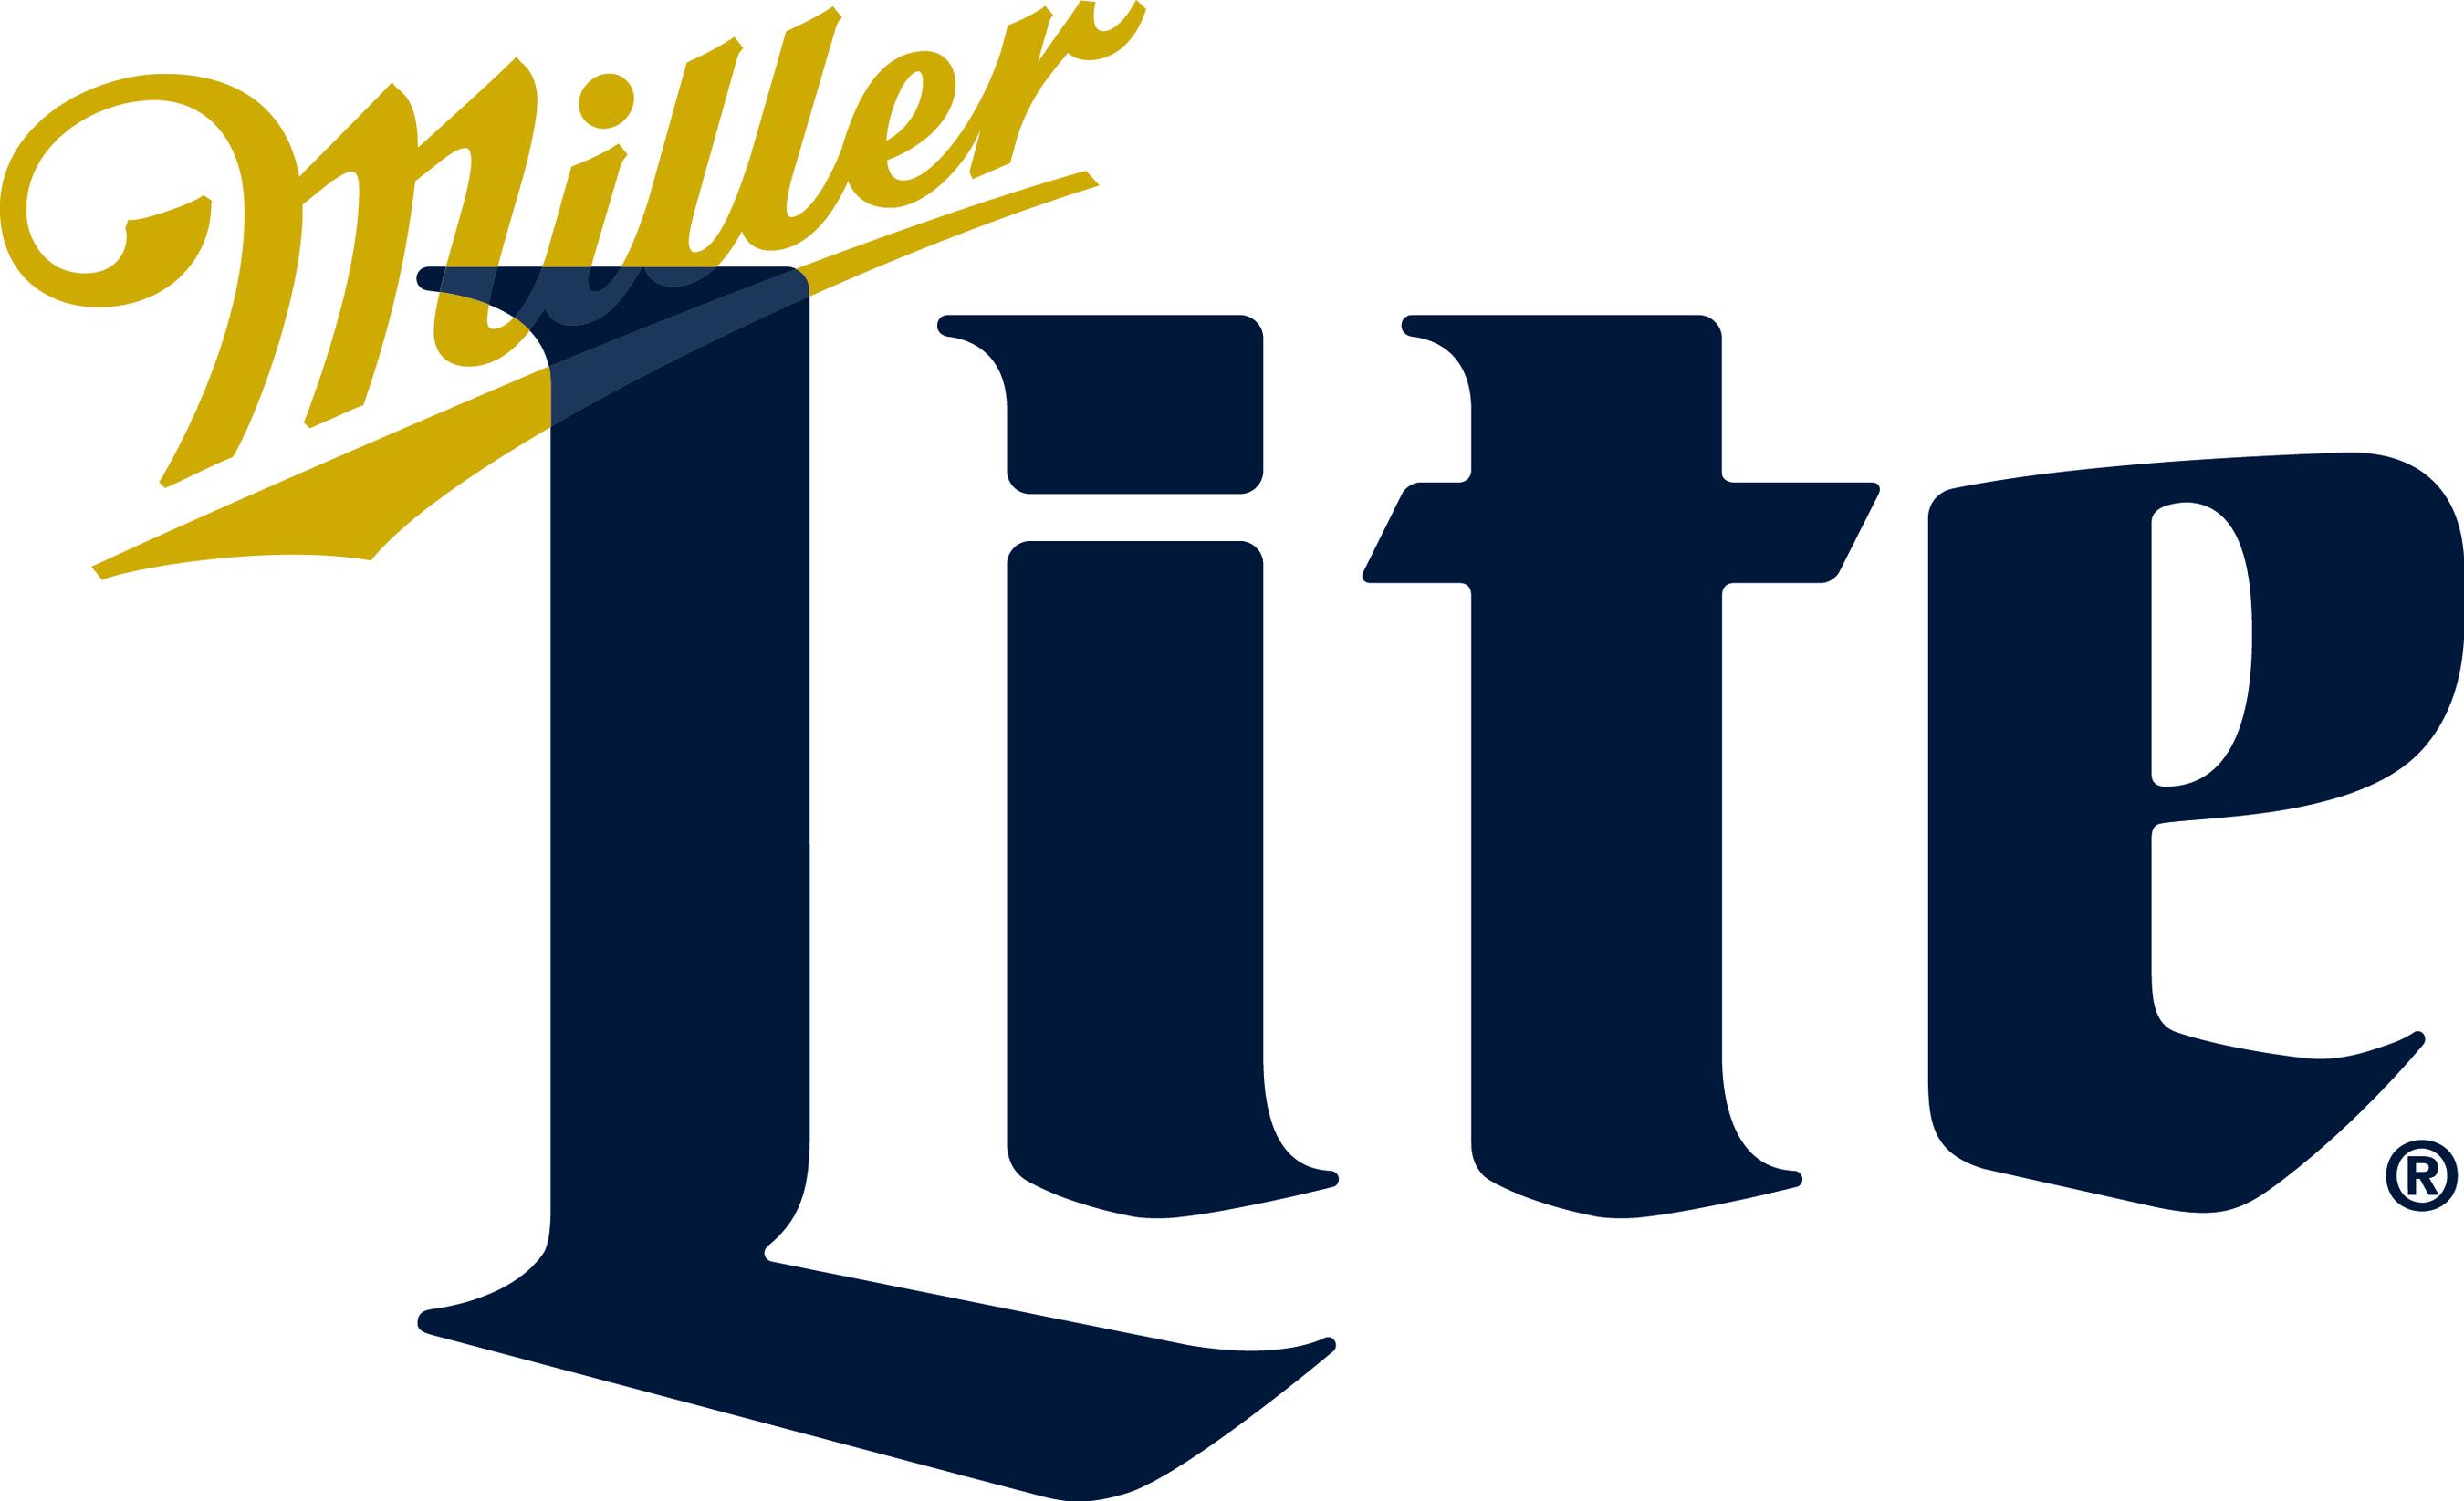 Miller Lite (PRNewsFoto/Miller Lite)